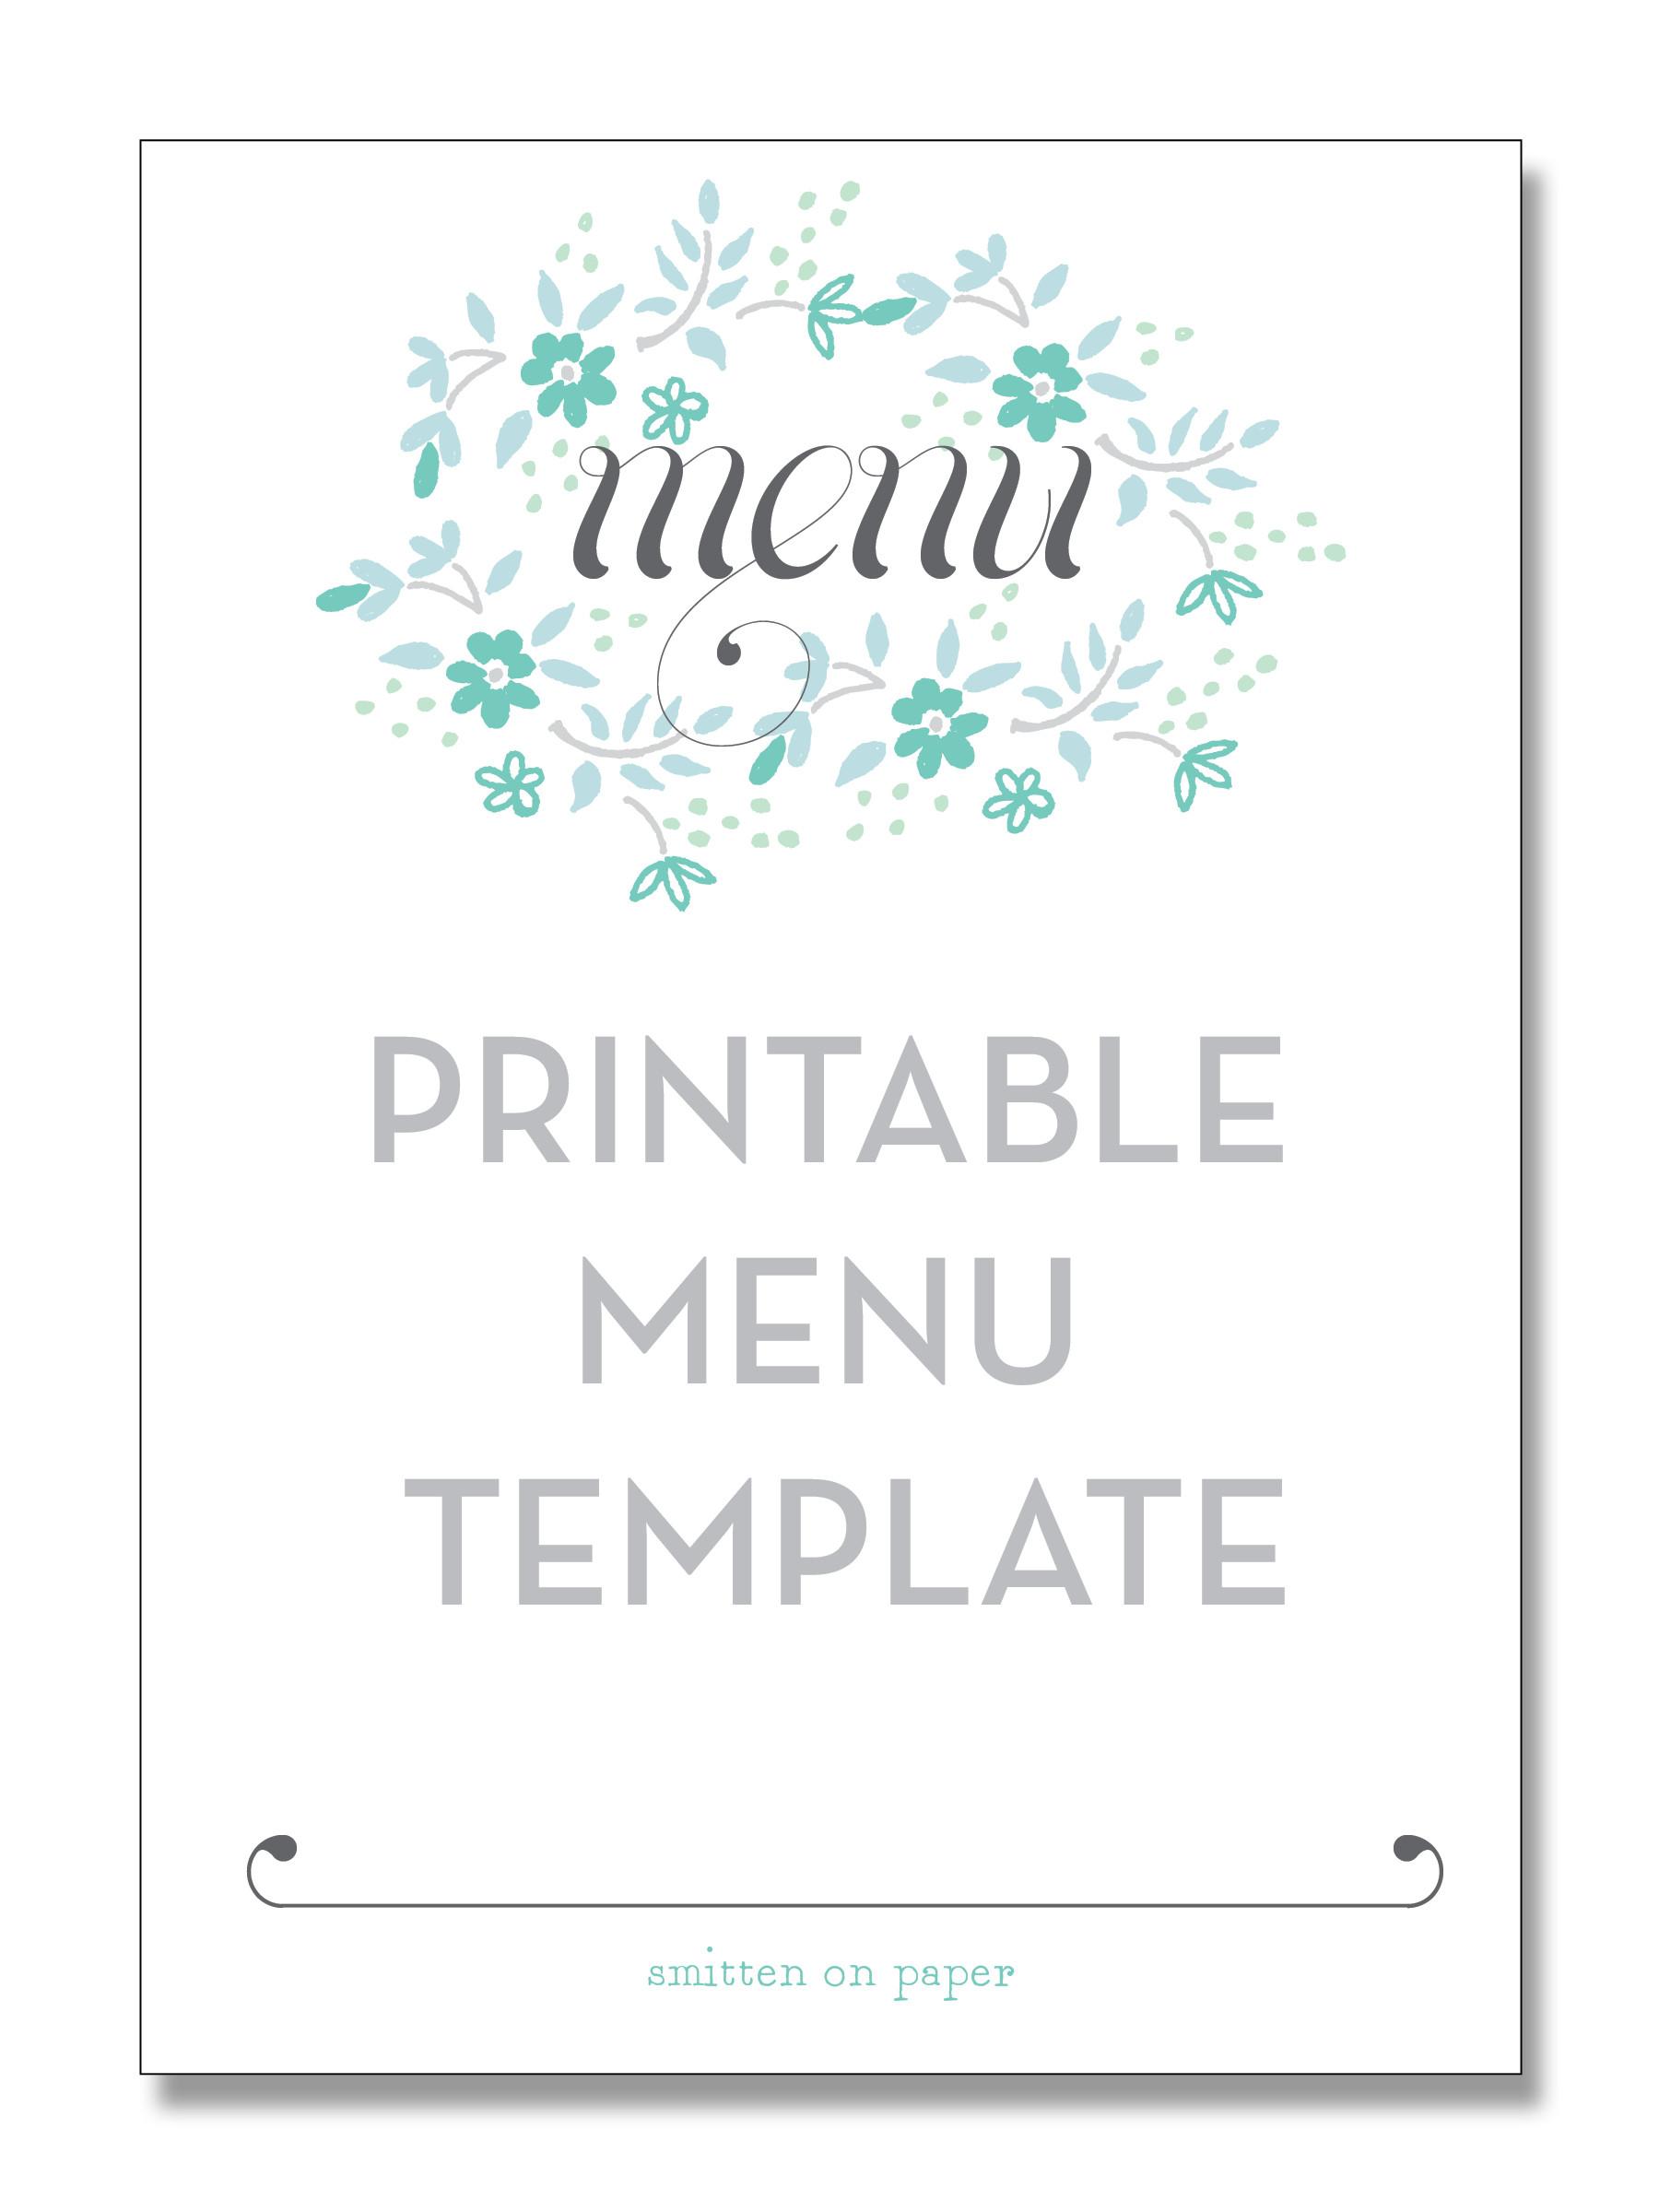 Dinner Menu Template  5 Best of Free Printable Christmas Dinner Menu